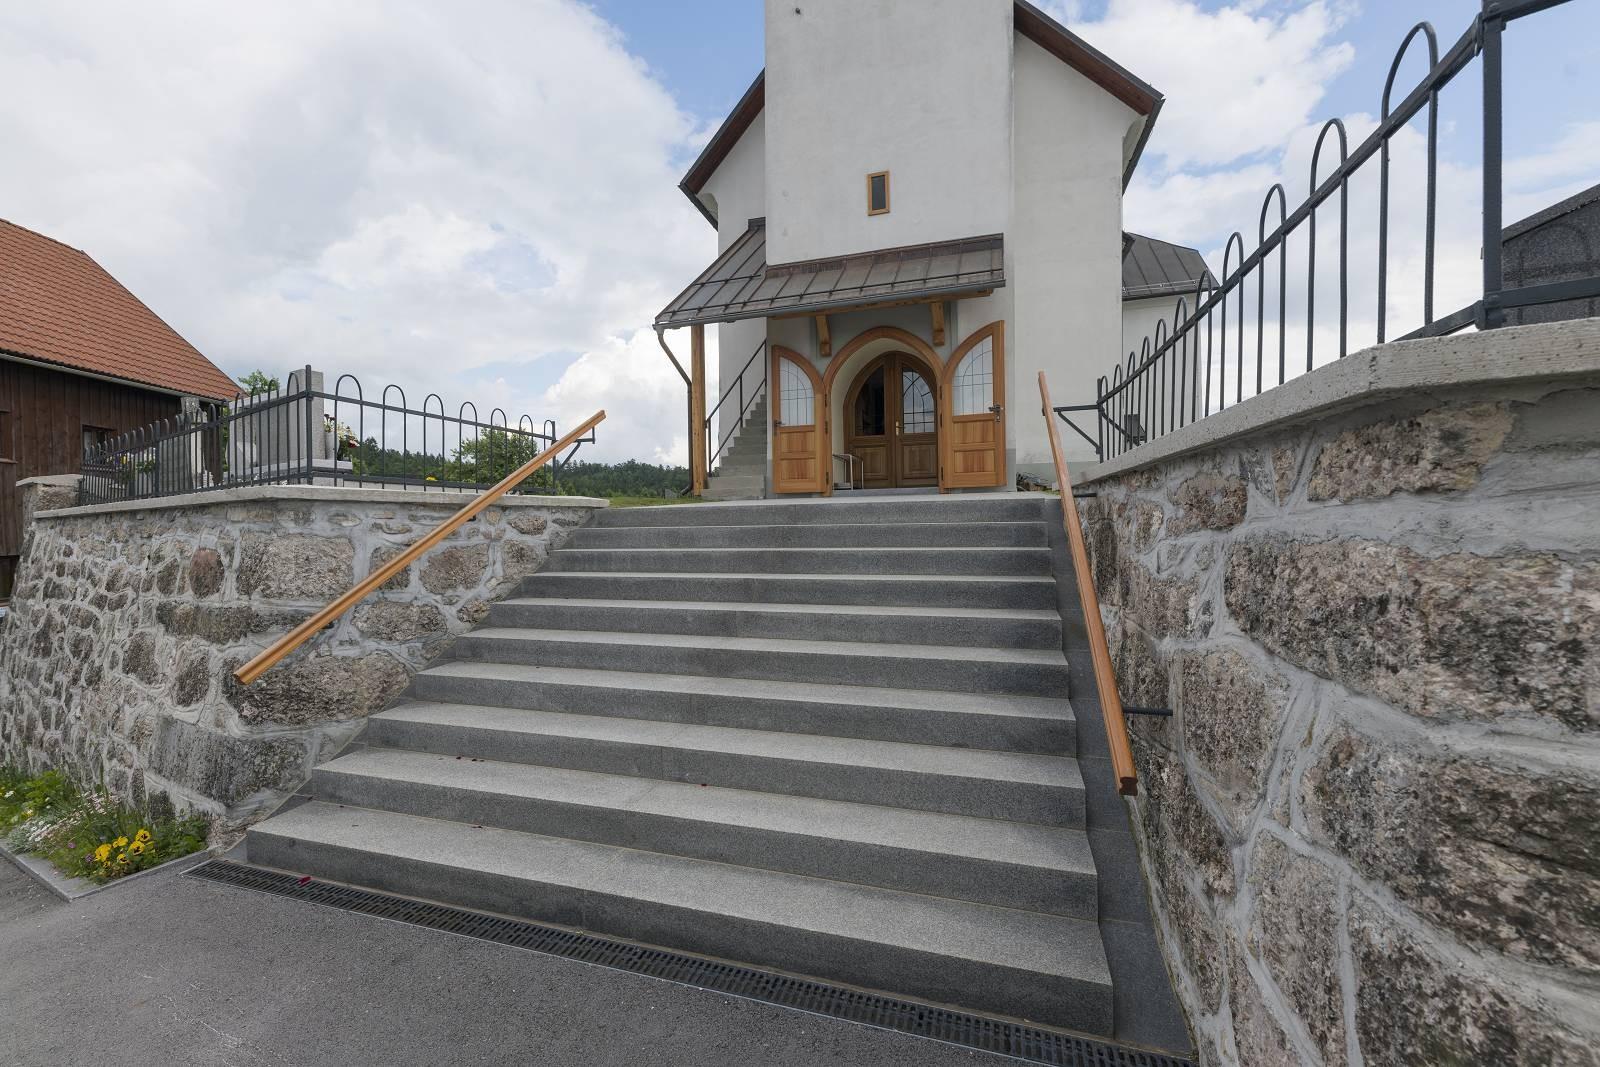 ZAB_2262Fotografija_R_Zabukovec_Nas_dom_Gore_stopnisce_(1600_x_1200).jpg